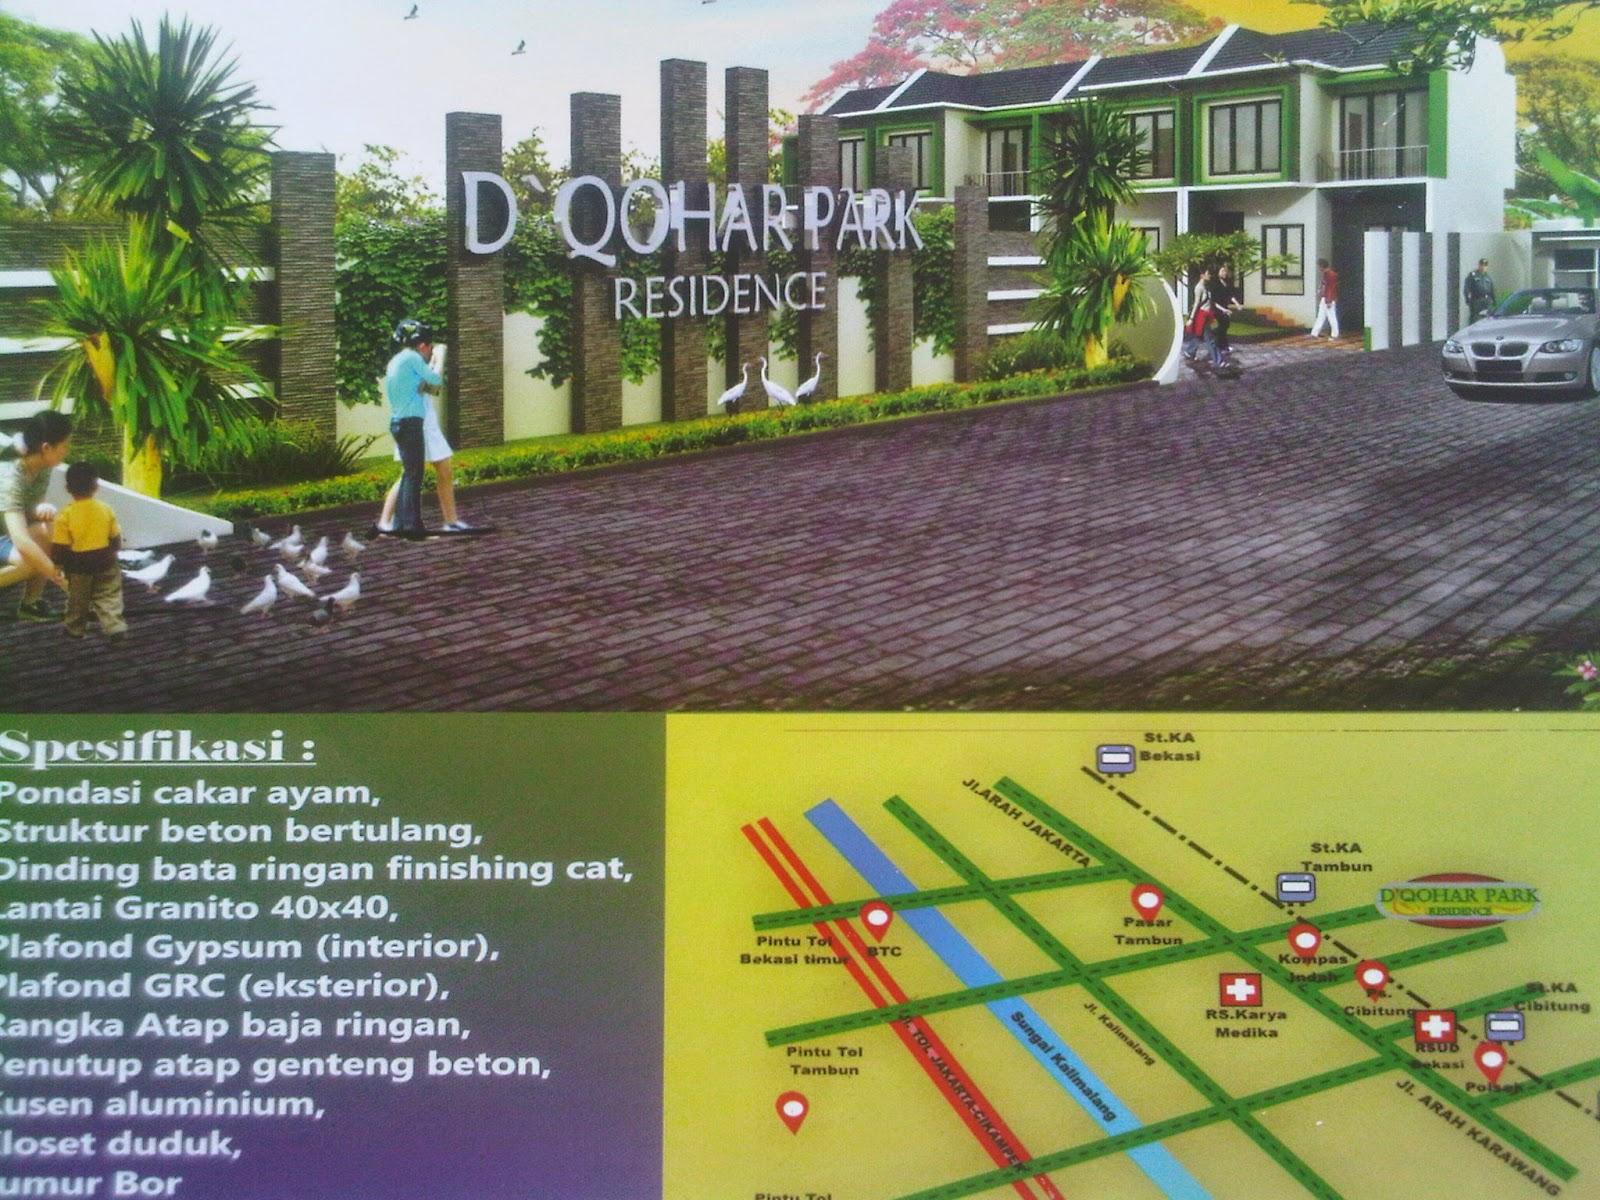 D QOHAR PARK RESIDENCE TownHouse 2 Lantai Dekat Ke Stasiun Tambun